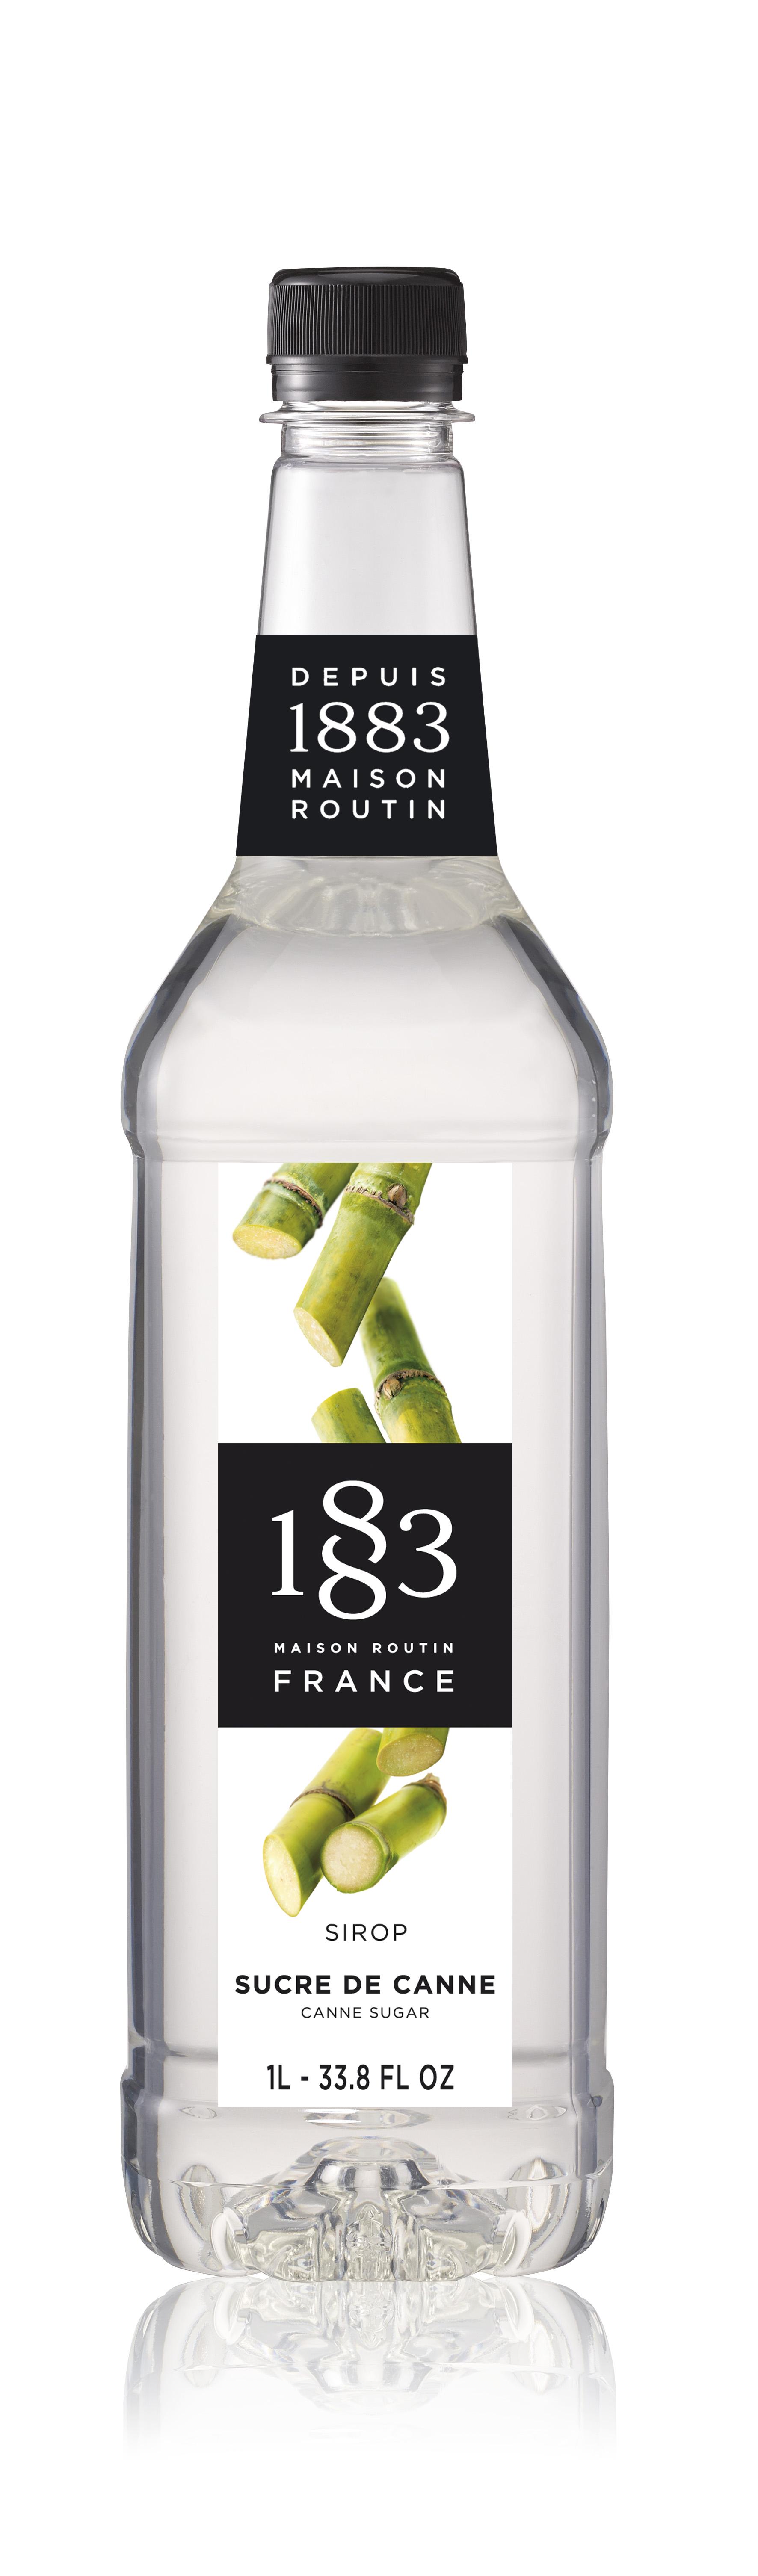 1883 Syrup Cane Sugar  1L PET Plastic Bottle